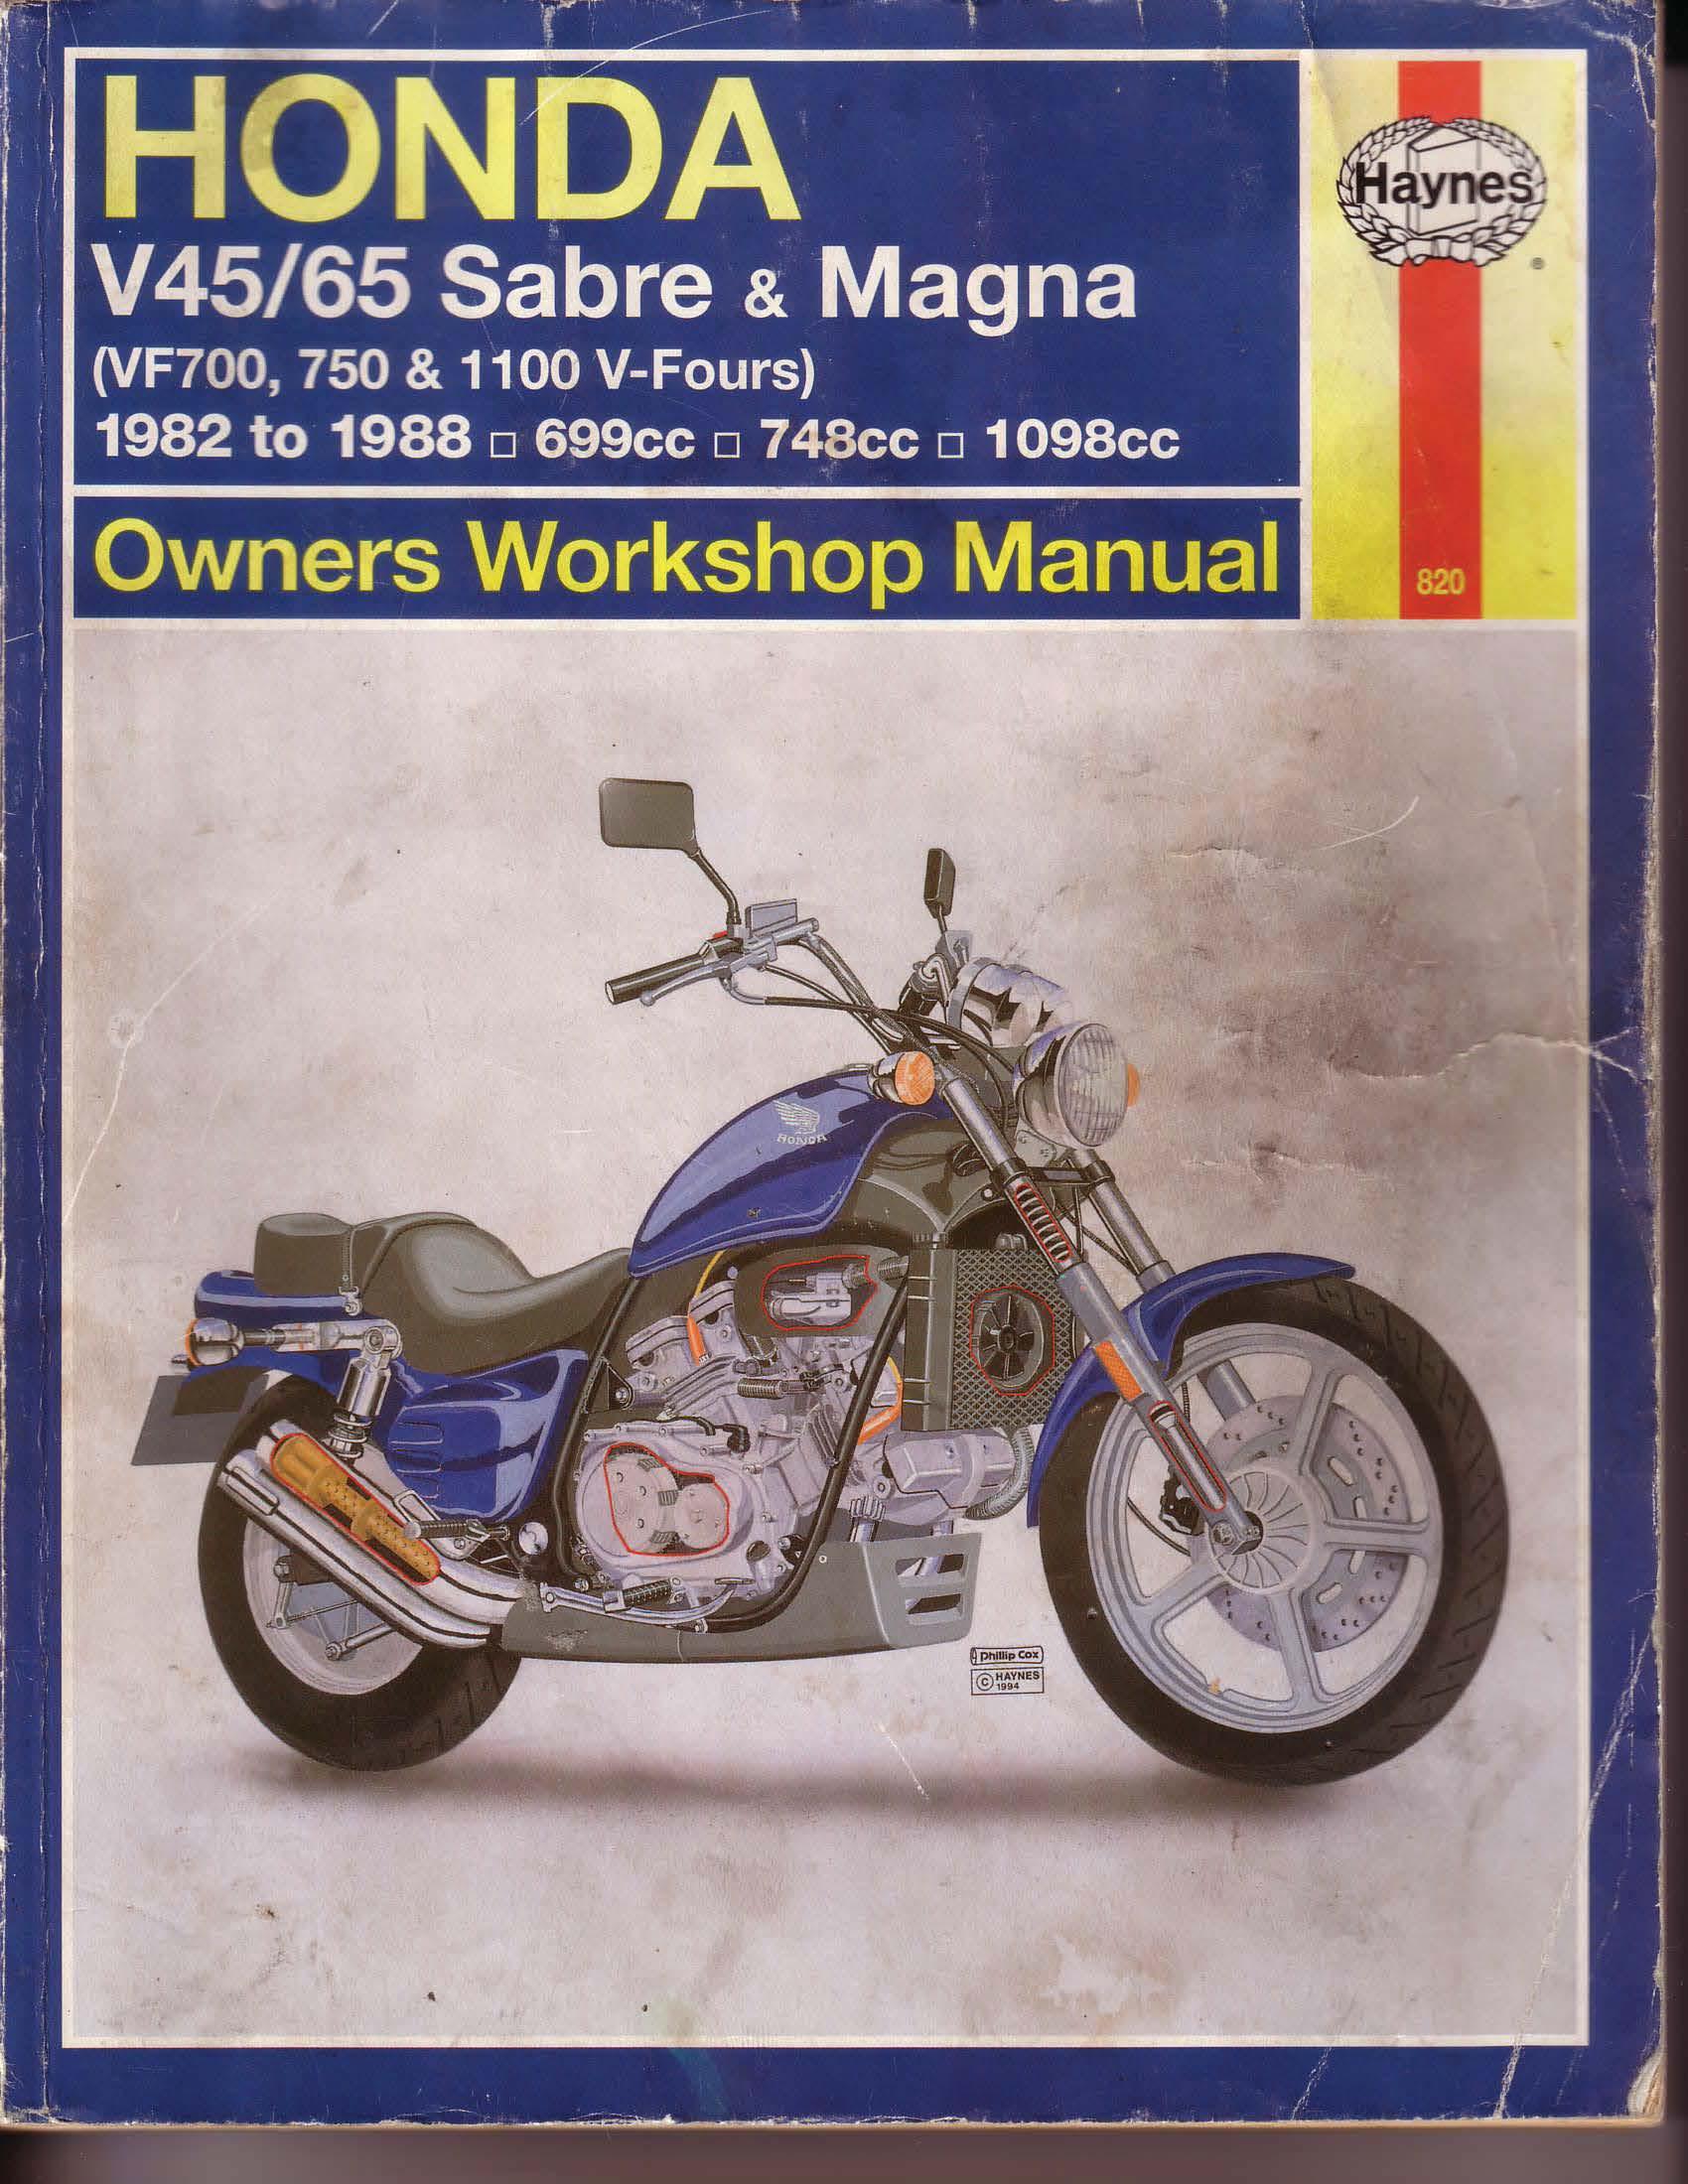 Workshopmanual for Honda VF700 V45/V65 - Sabre/Magna (1982-1988)